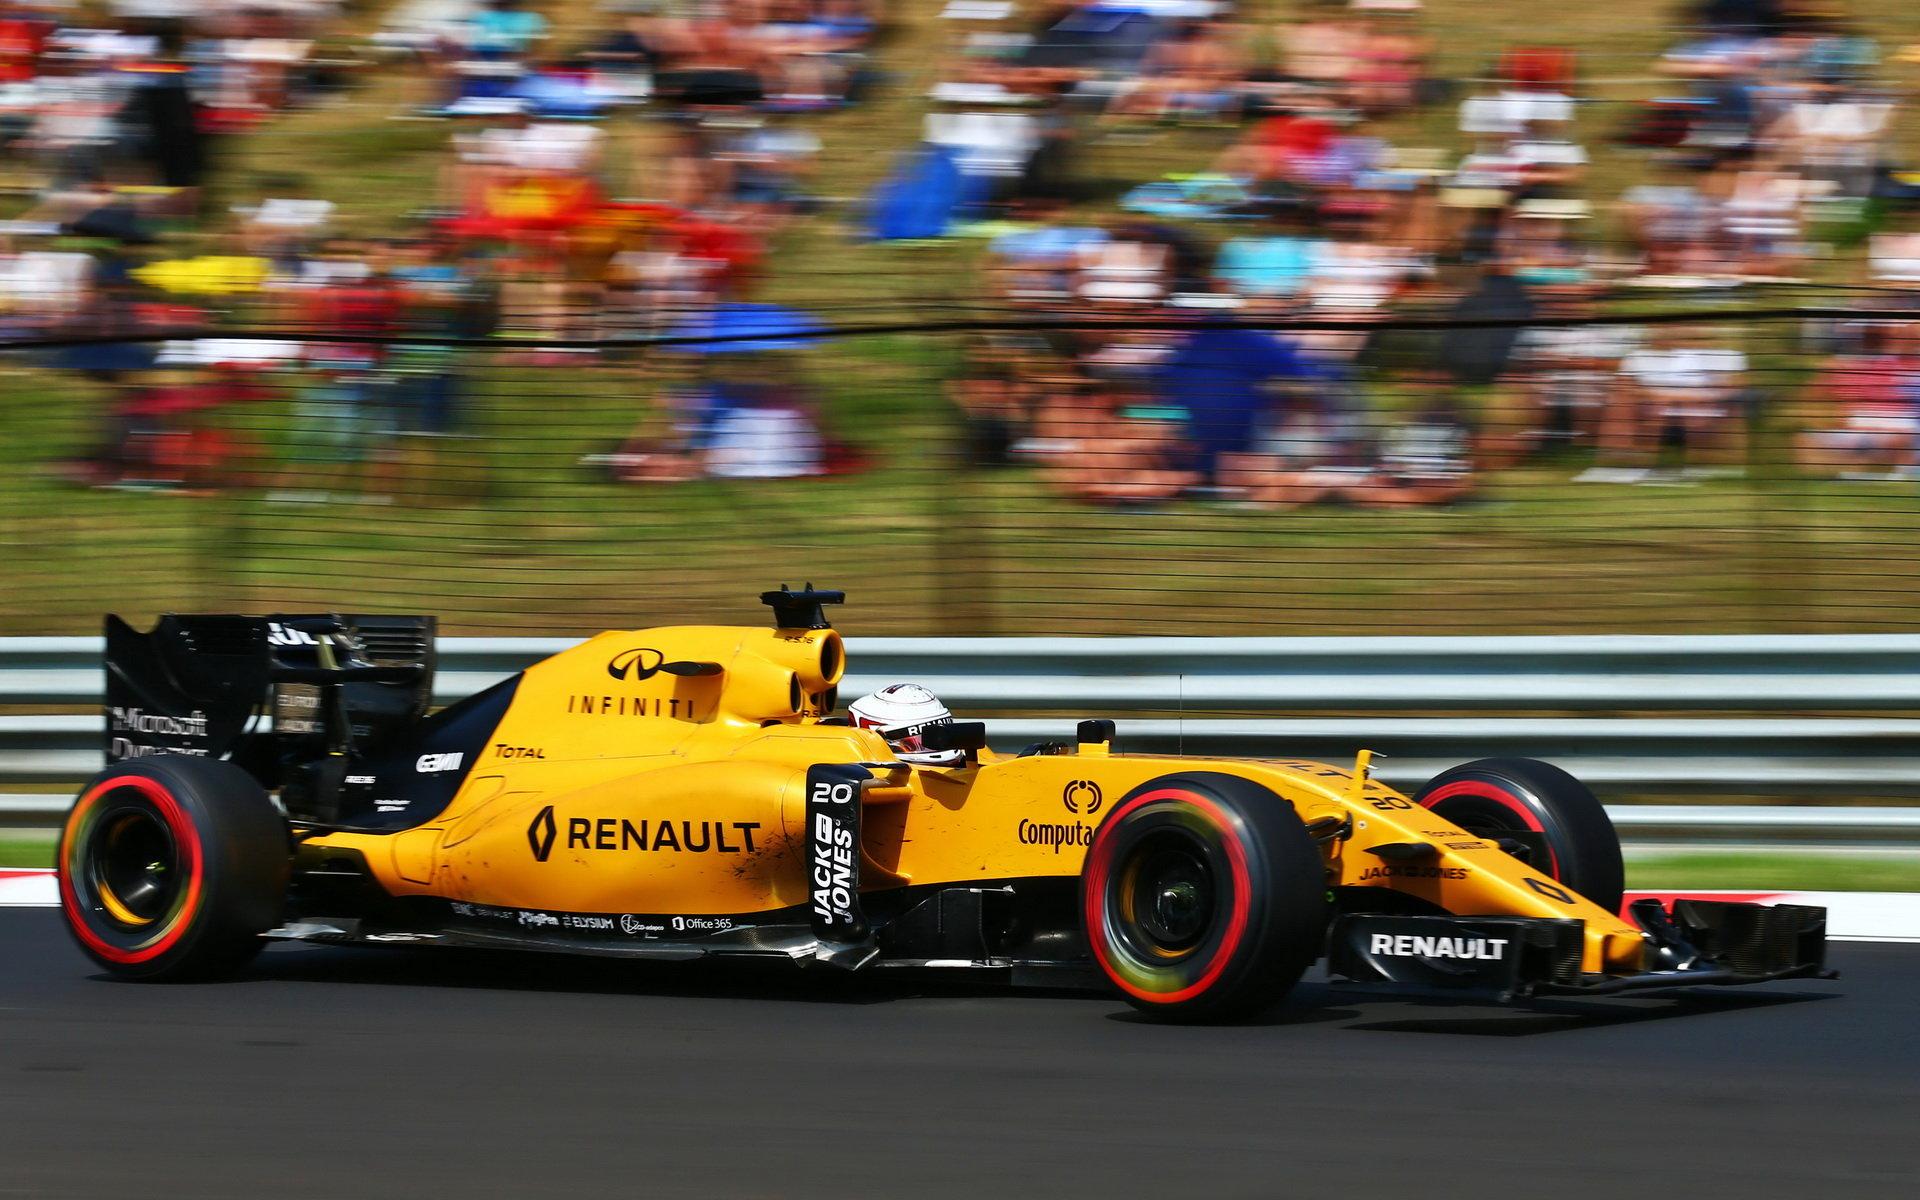 Renault shodil kila a s novým zavěšením zrychlil o 0,4 s, od Německa chce útočit - anotační obrázek